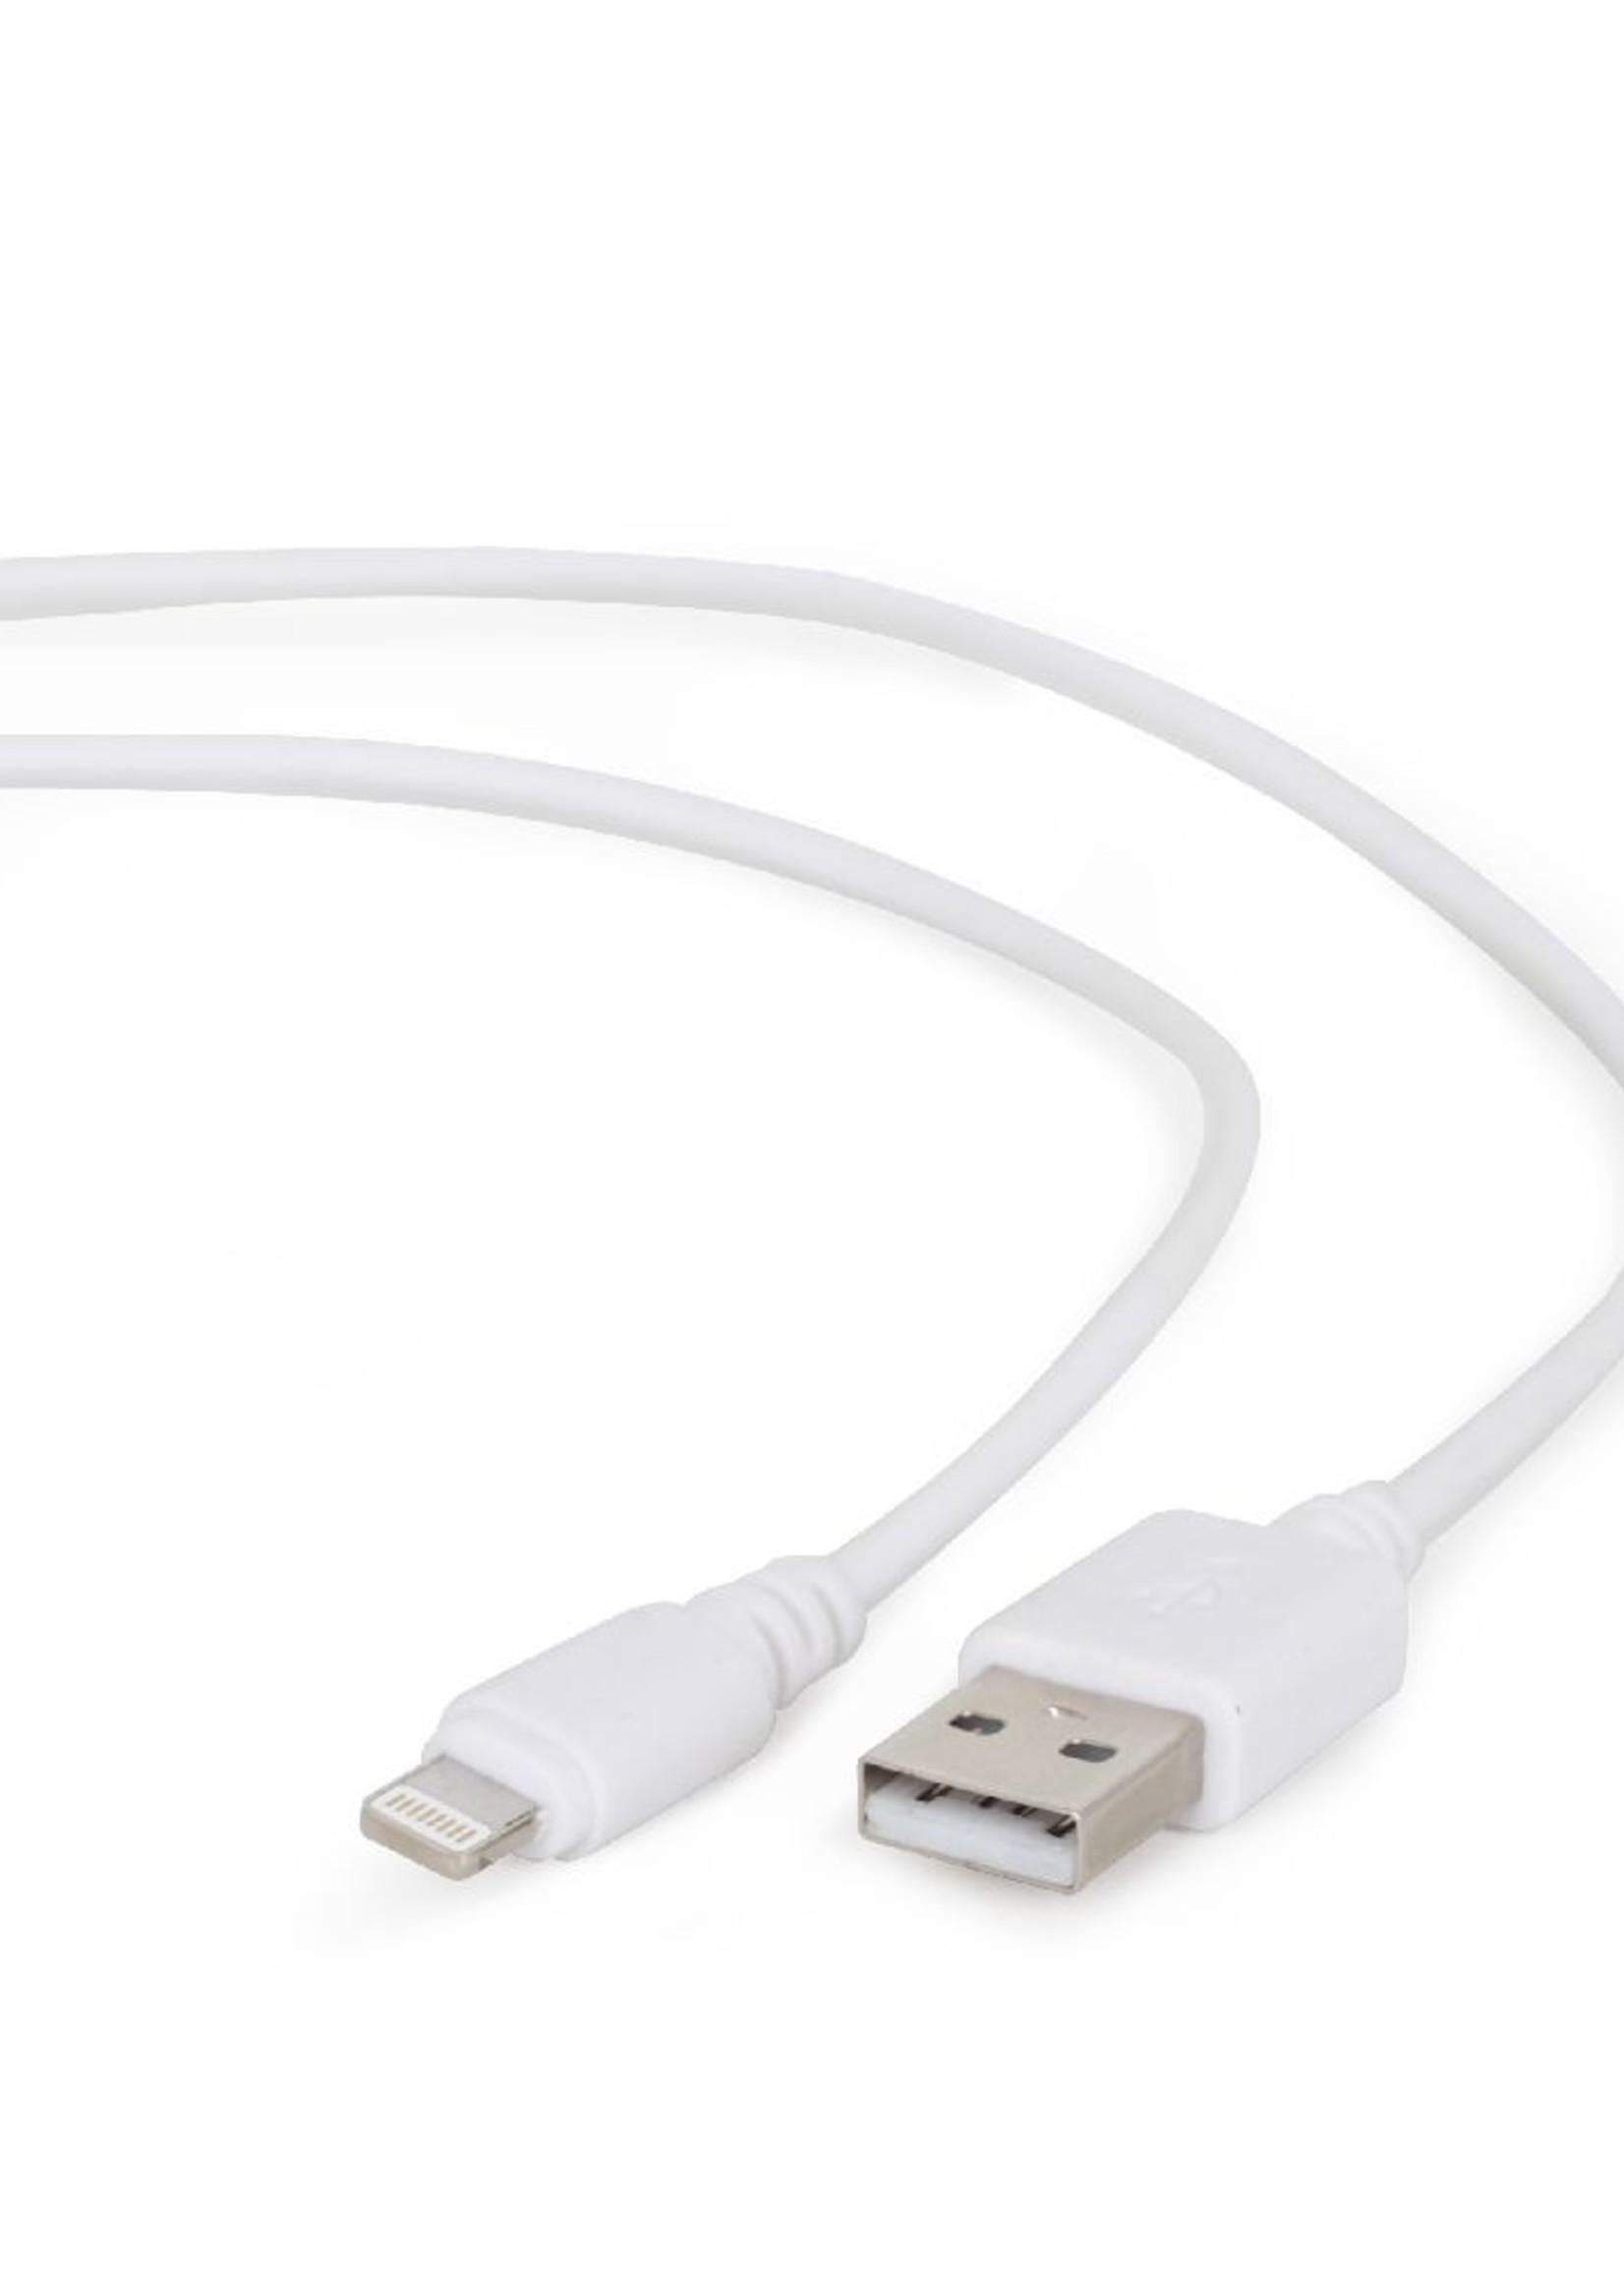 CableXpert 8-pins kabel voor laden en synchroniseren, 1m